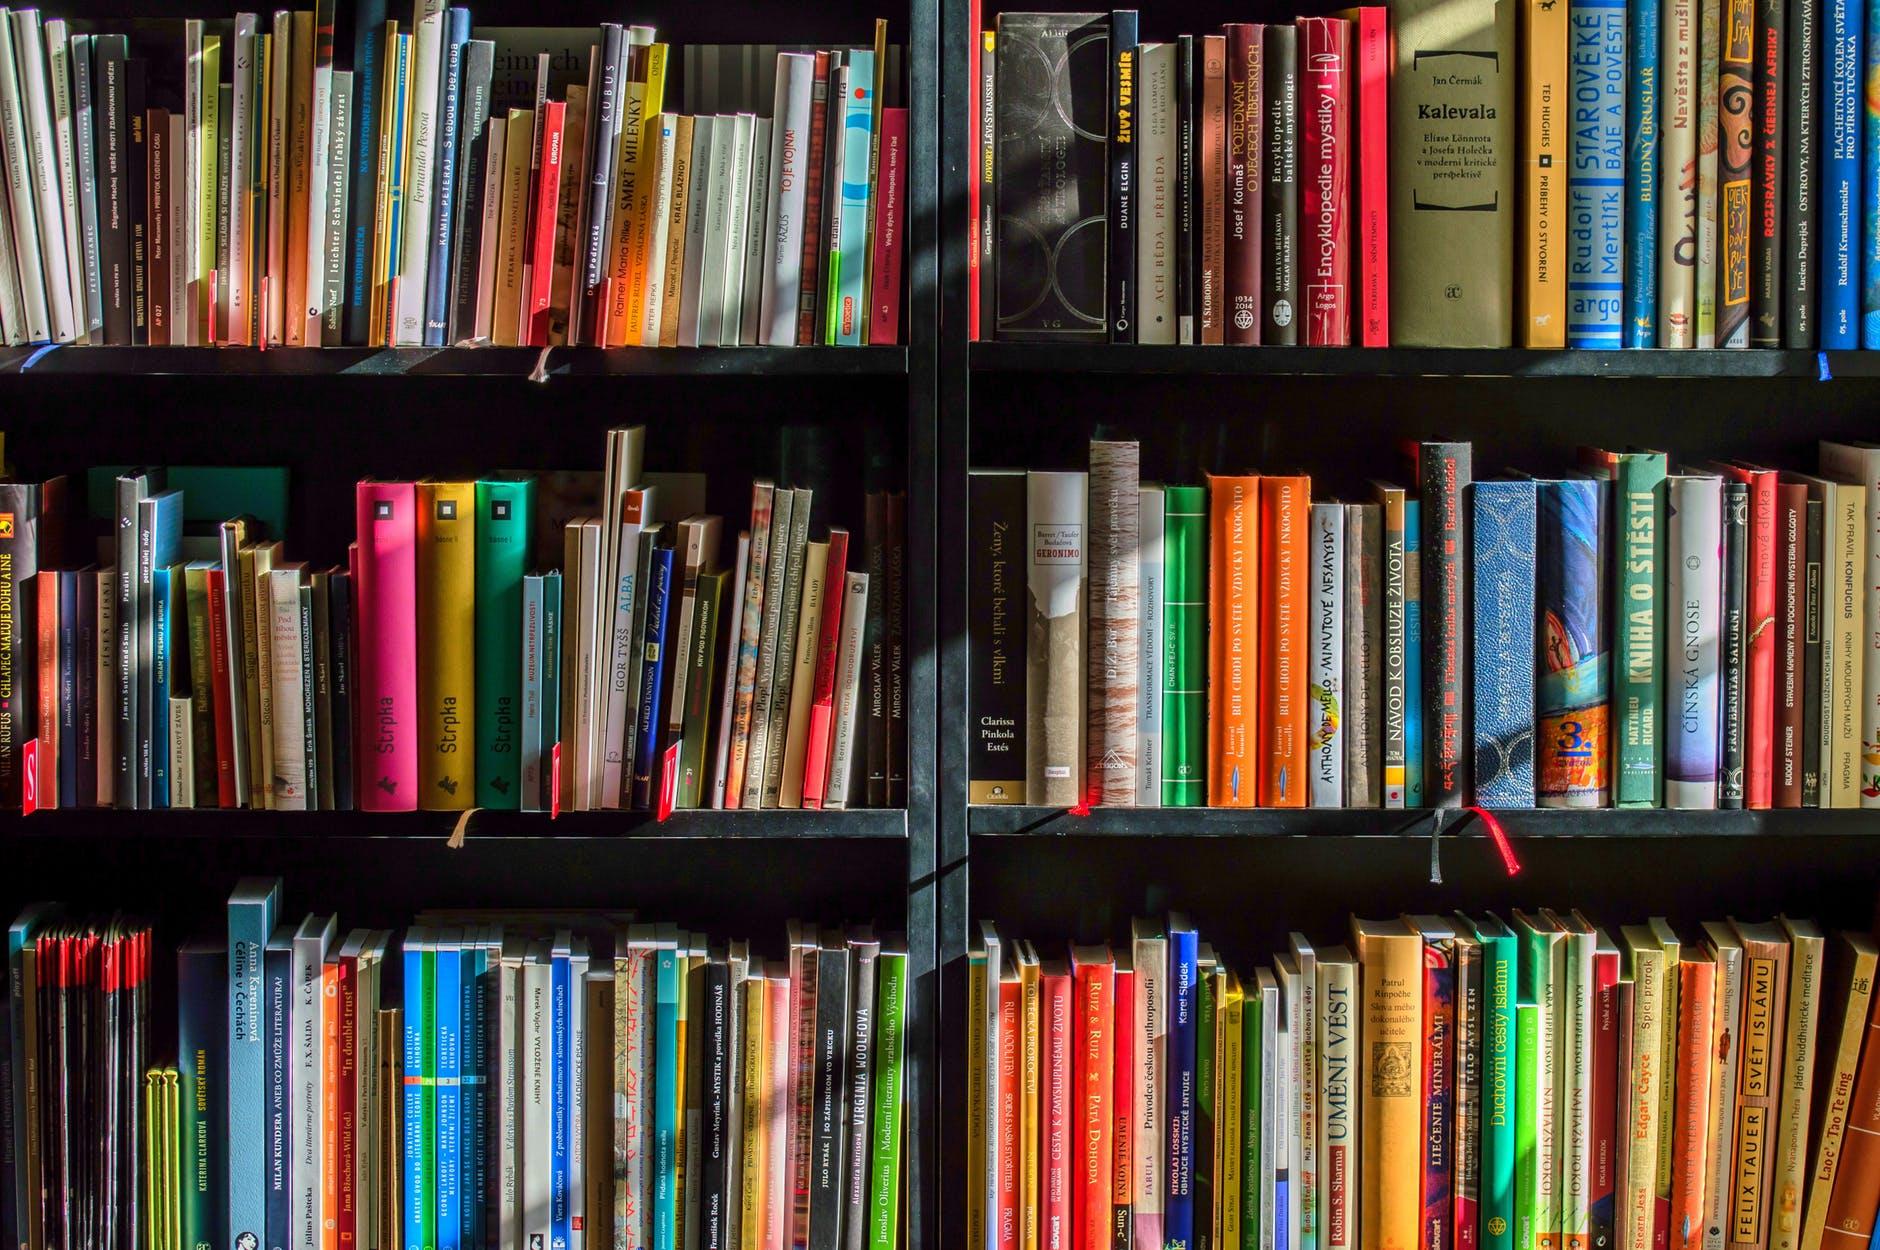 Photo of books on a shelf